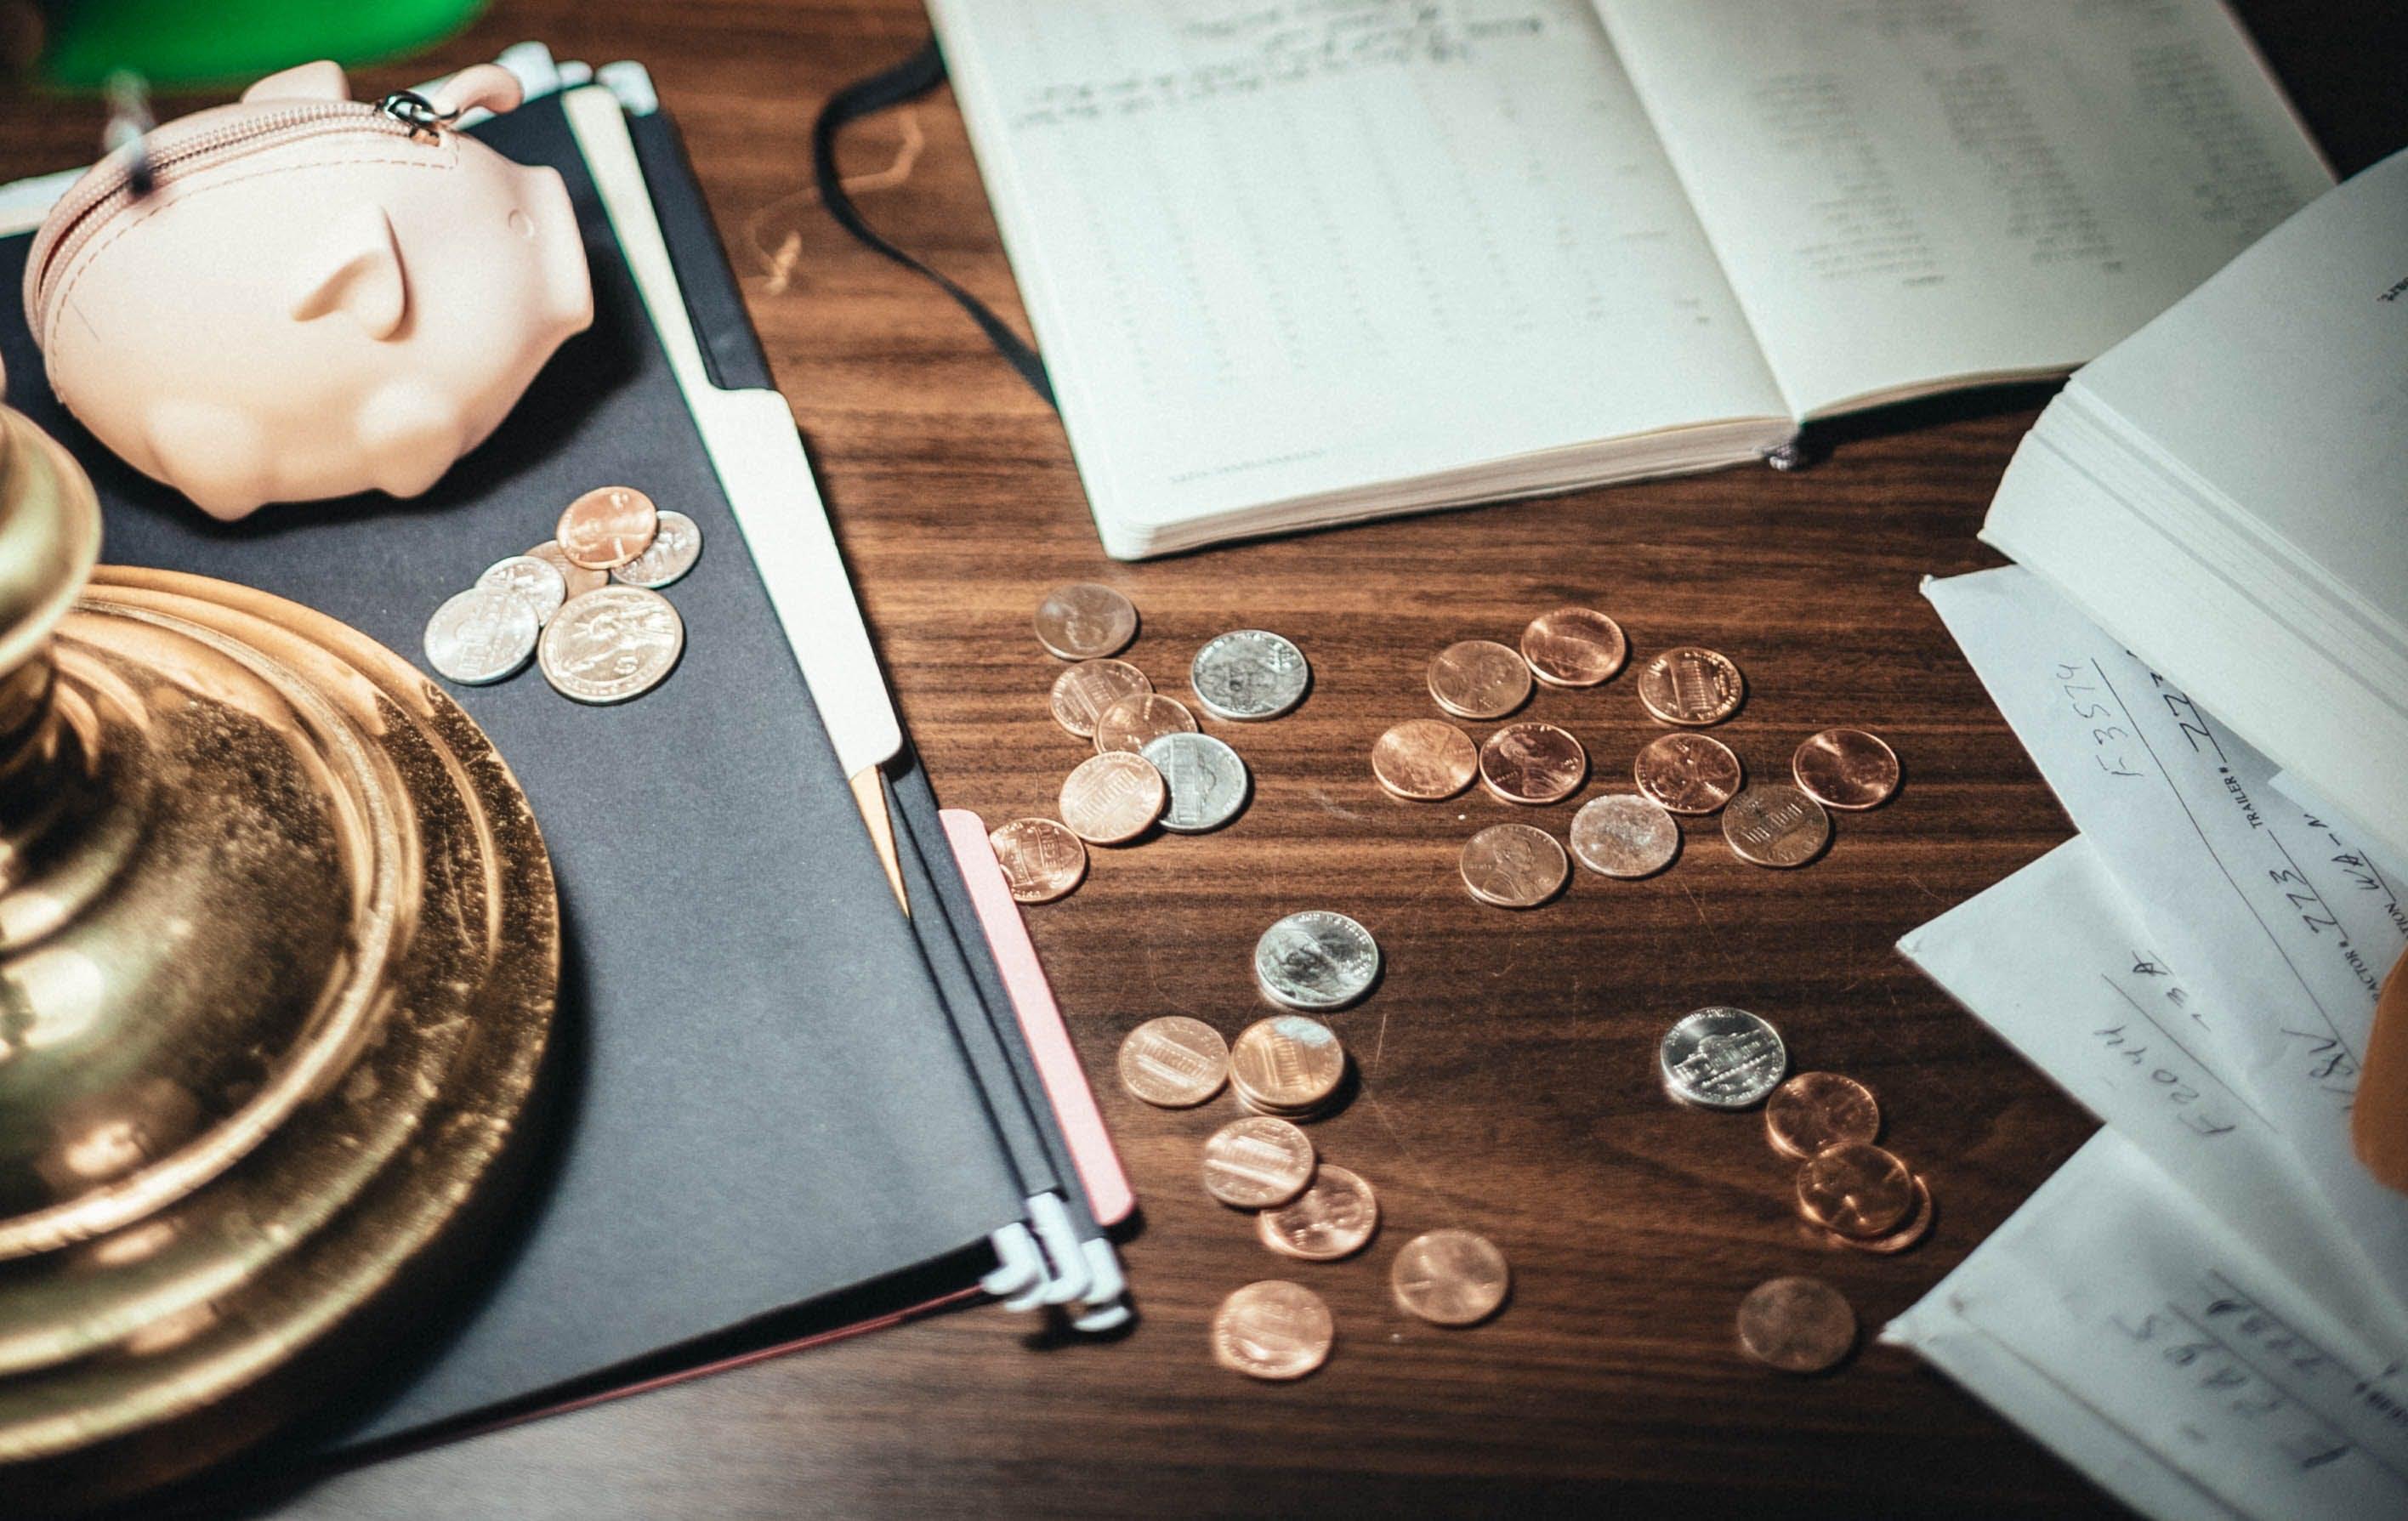 不動産投資ファンドとは?仕組みや他の投資方法との比較